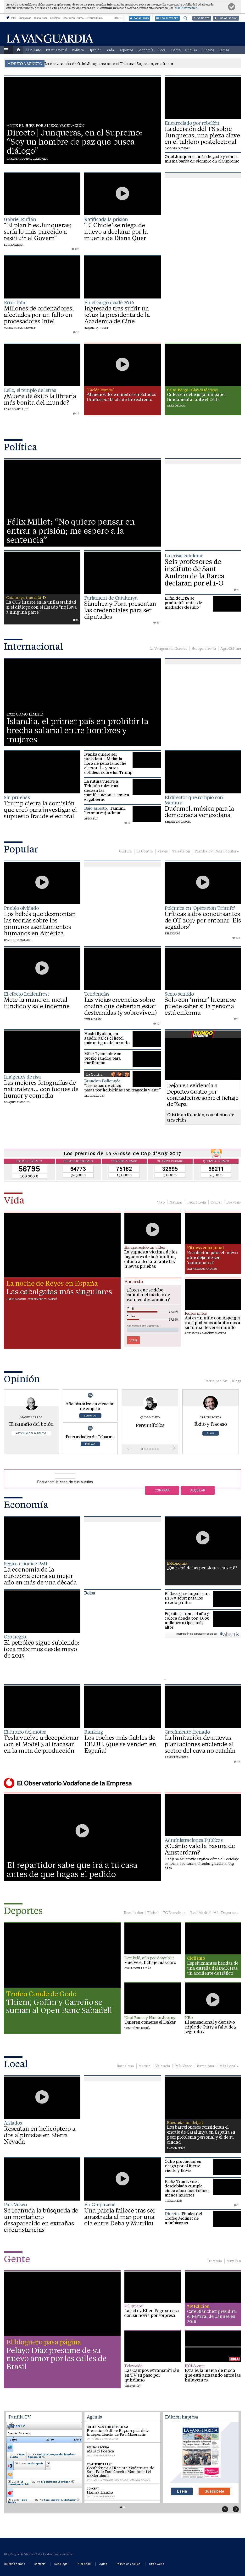 La Vanguardia at Thursday Jan. 4, 2018, 1:17 p.m. UTC